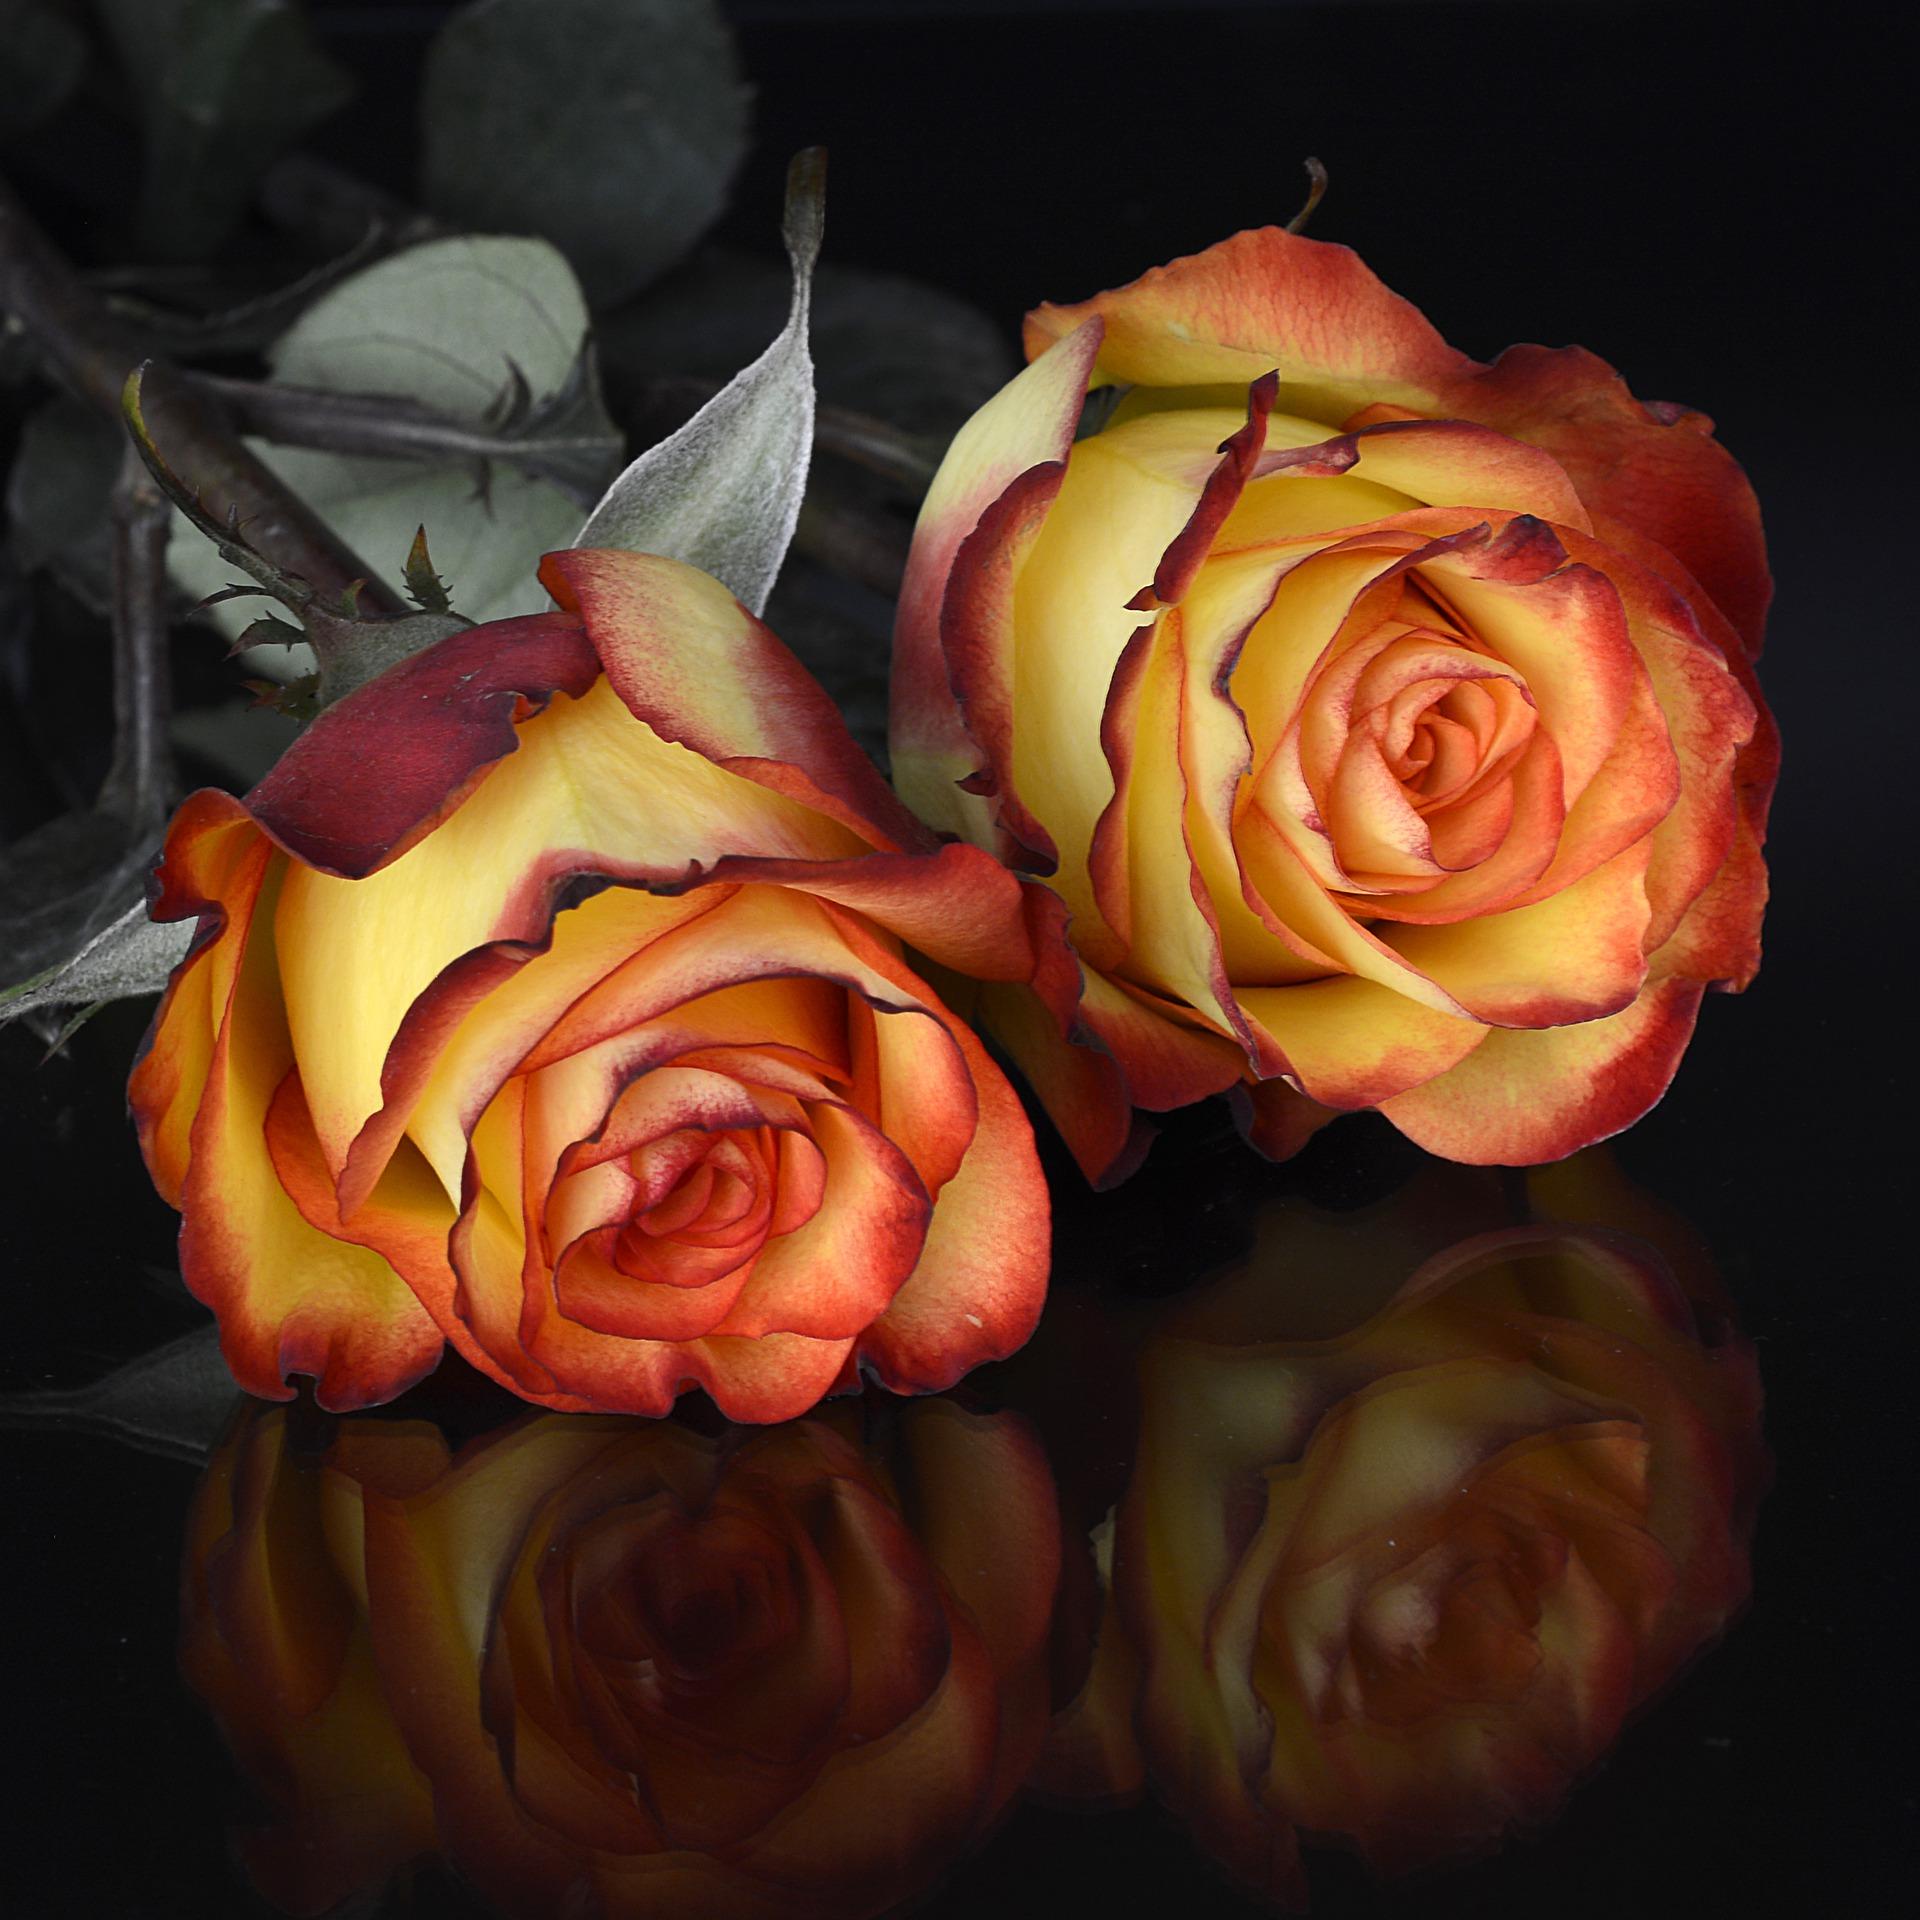 rose3063282_1920  989 XFM